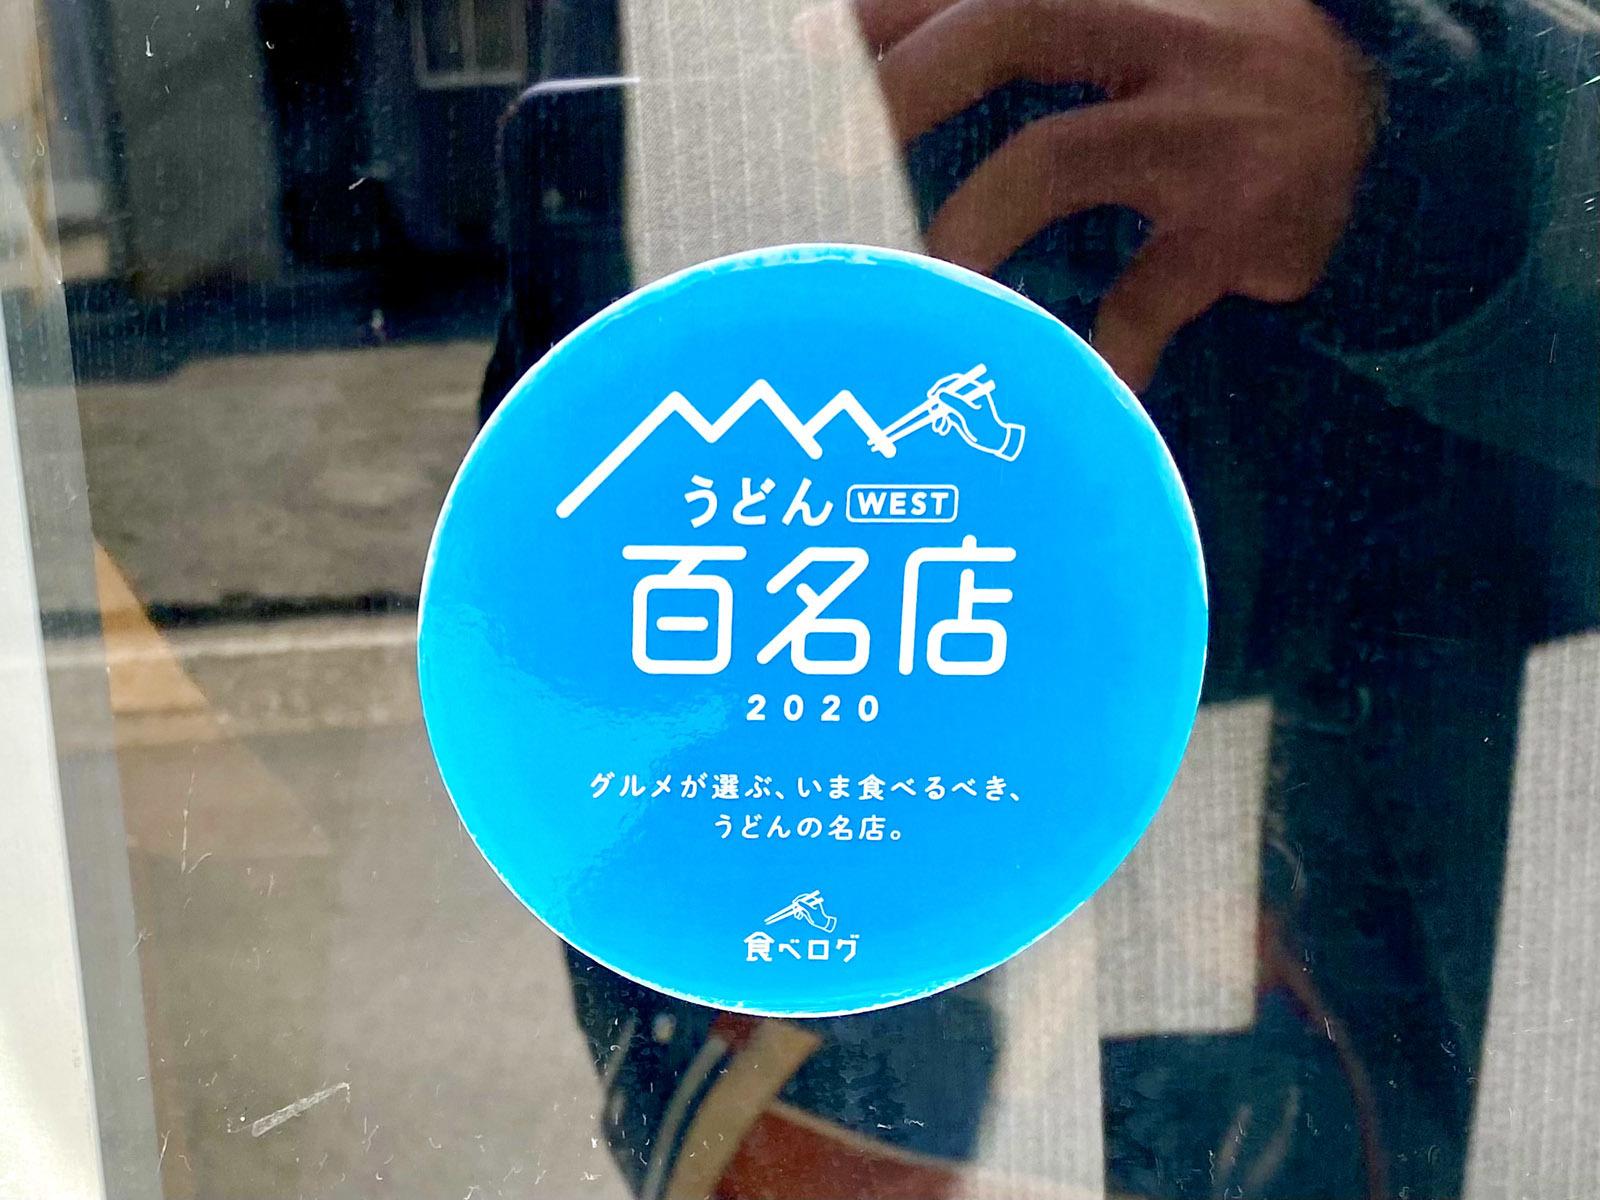 マルタニ製麺02 うどんWEST百名店2020